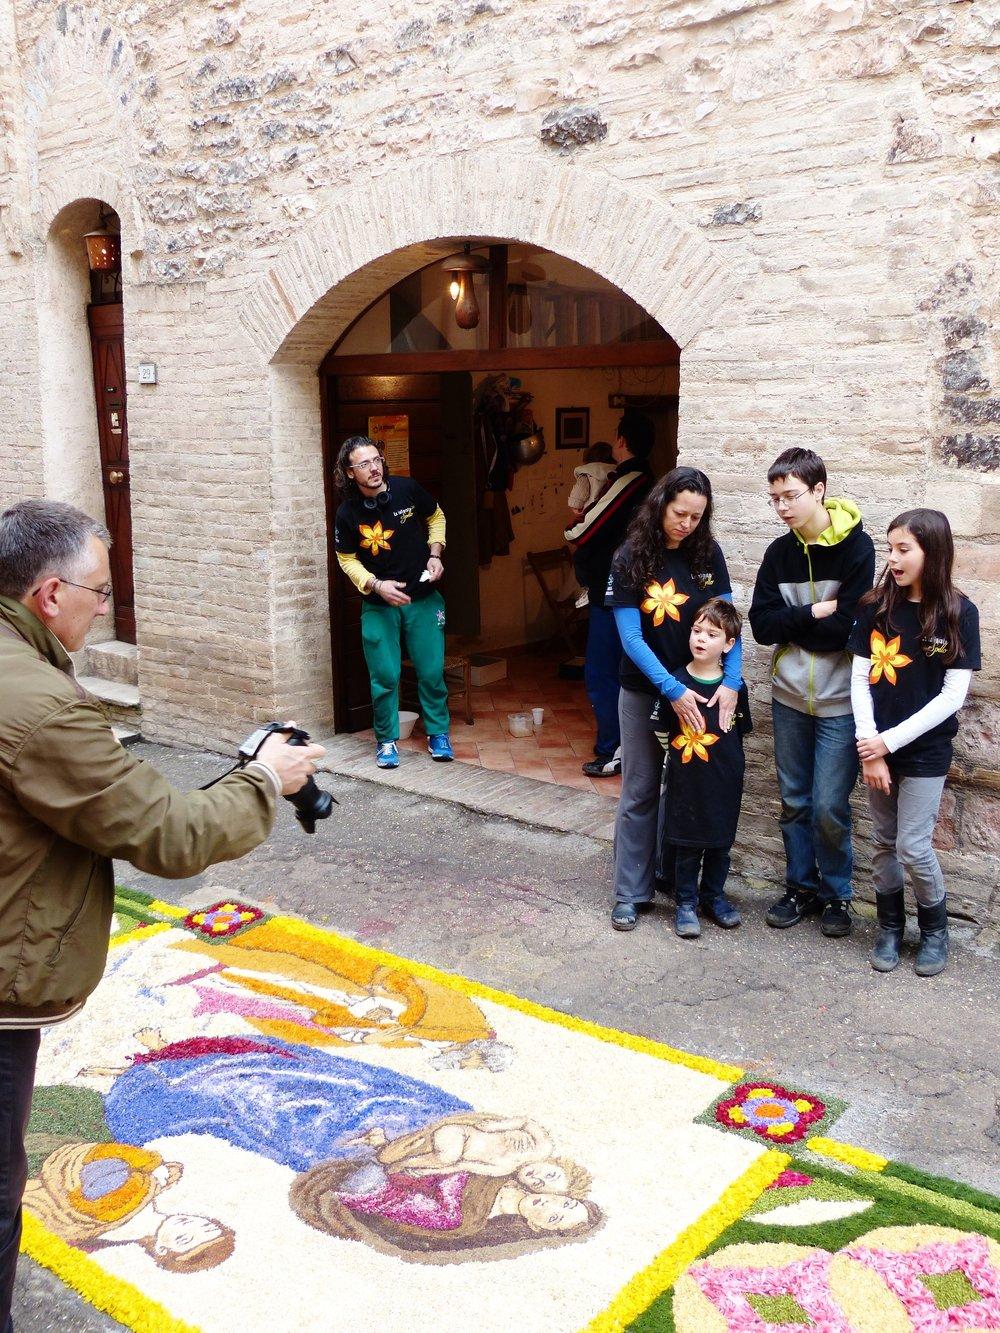 Outside Pochi, ma Buoni cantina at Infiorata in Spello, Umbria